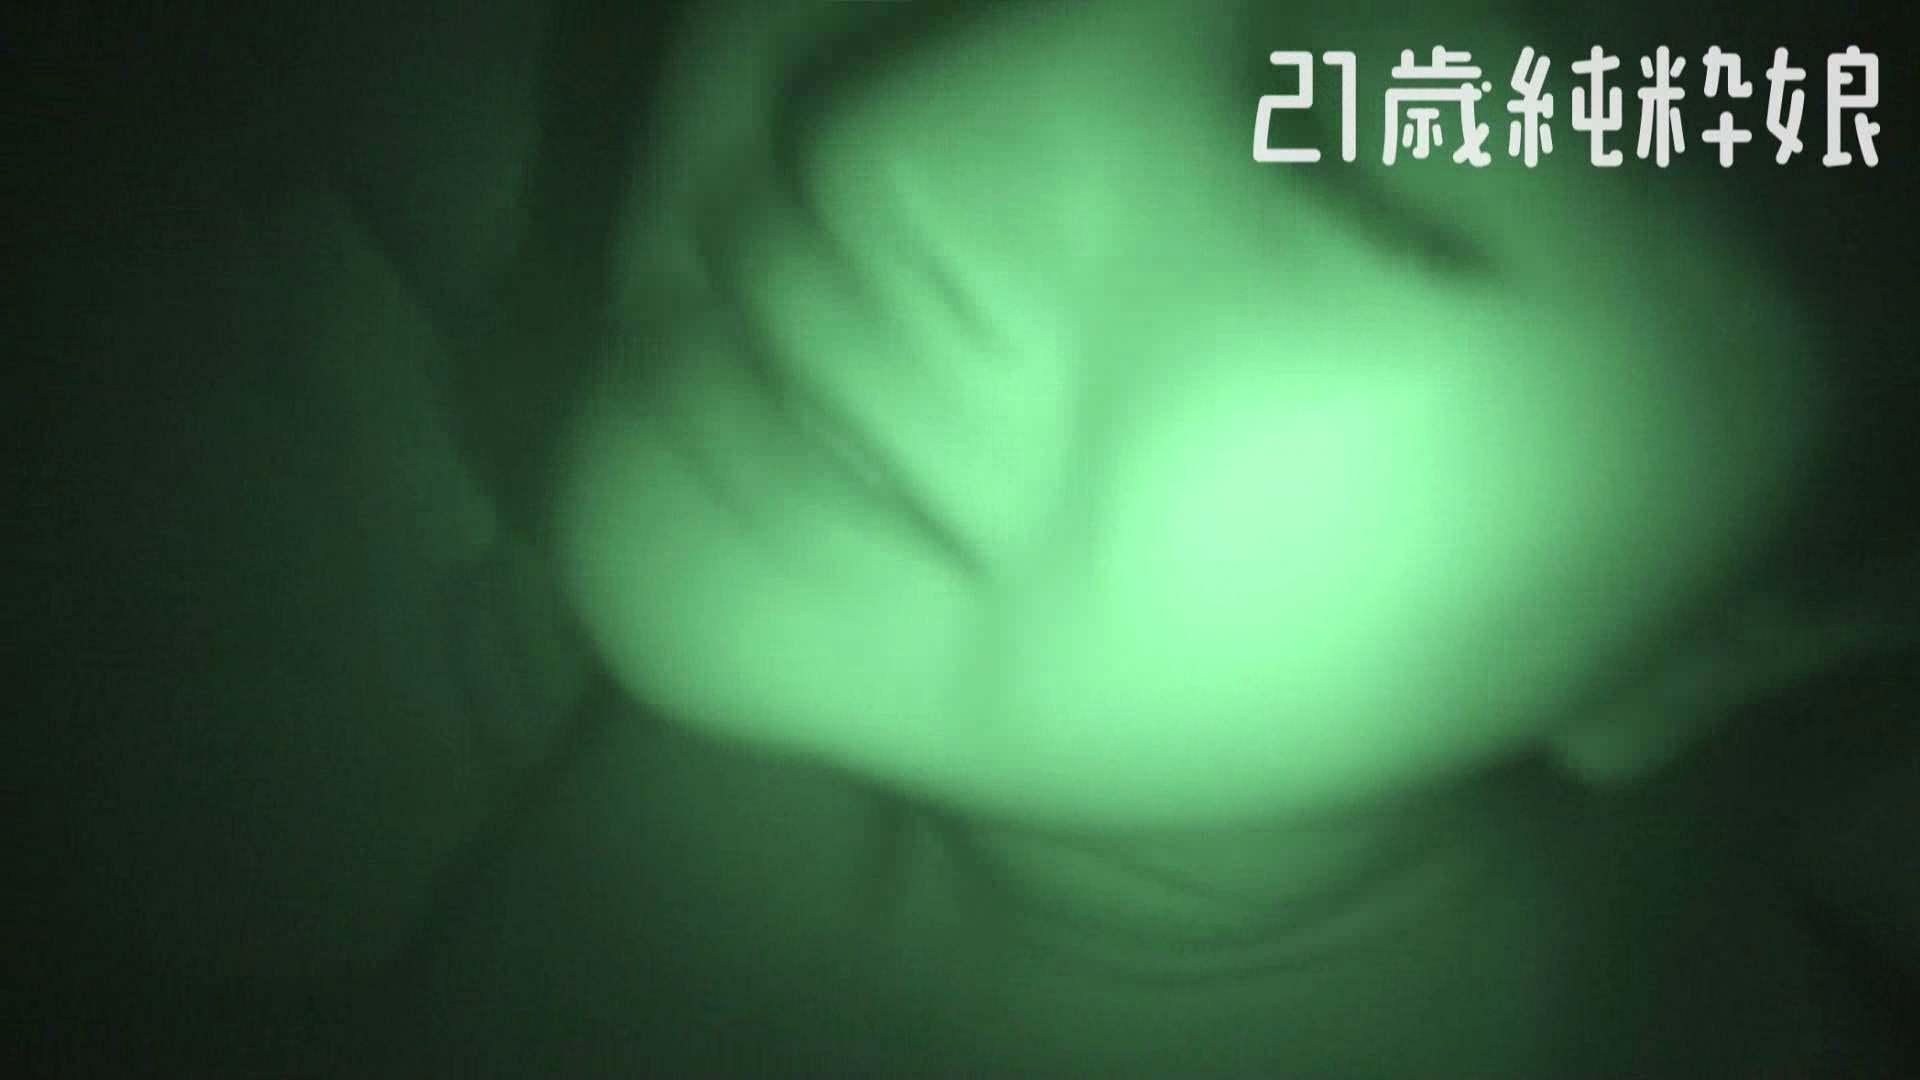 上京したばかりのGカップ21歳純粋嬢を都合の良い女にしてみた3 一般投稿 | オナニー特集  54画像 53